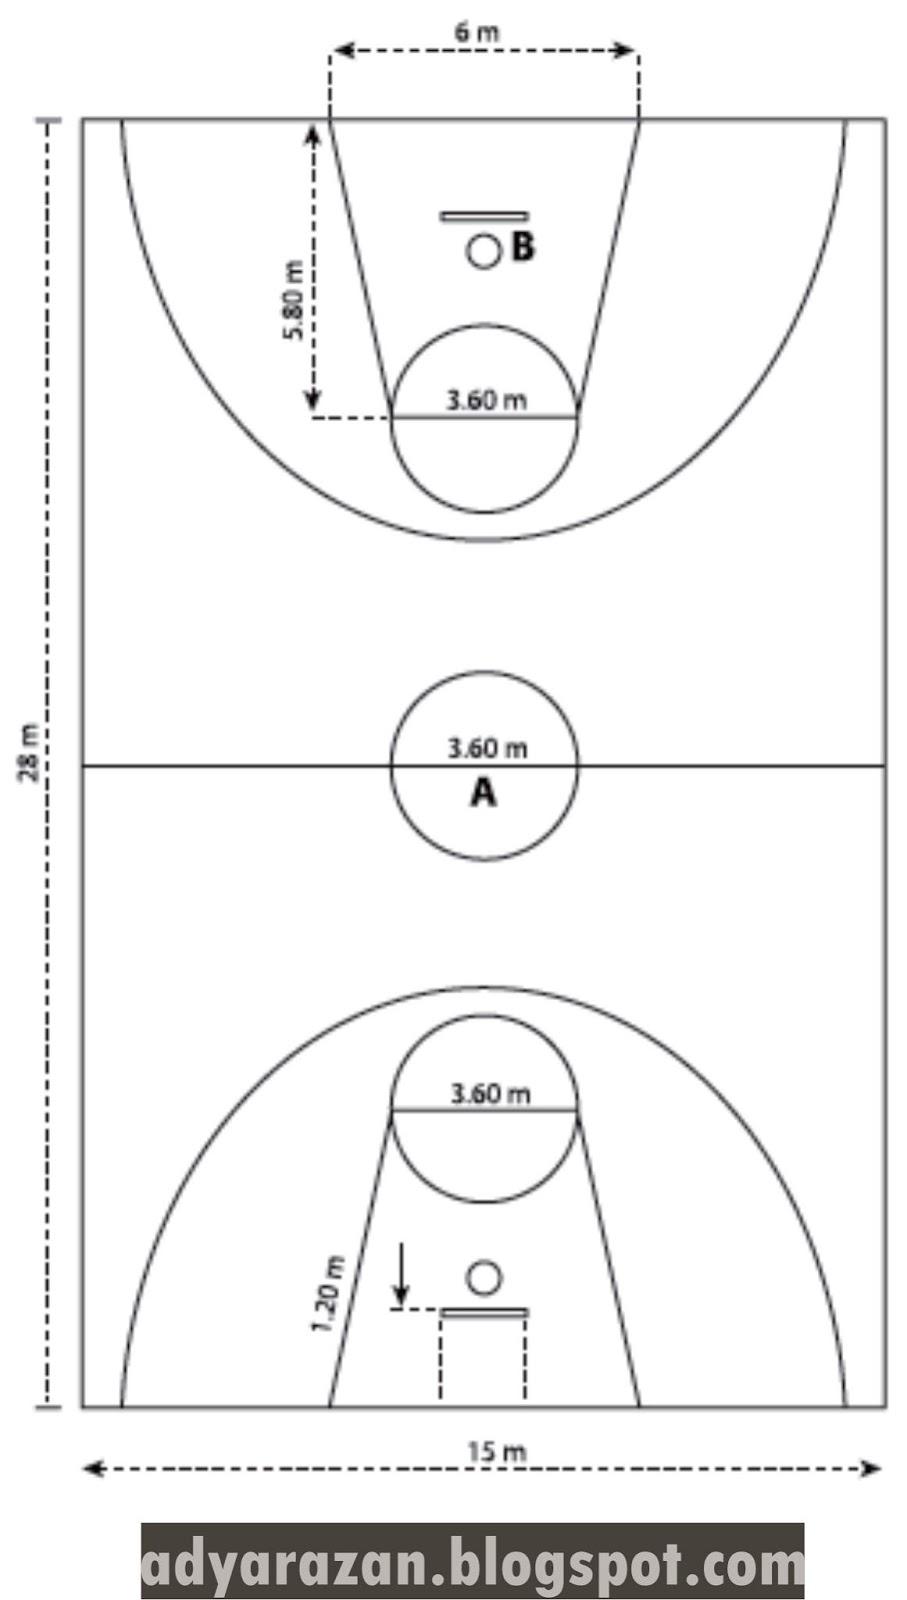 Gambar Lapangan Basket Beserta Ukuran : gambar, lapangan, basket, beserta, ukuran, Ukuran, Lapangan, Basket, Beserta, Gambarnya, LENGKAP, Razan